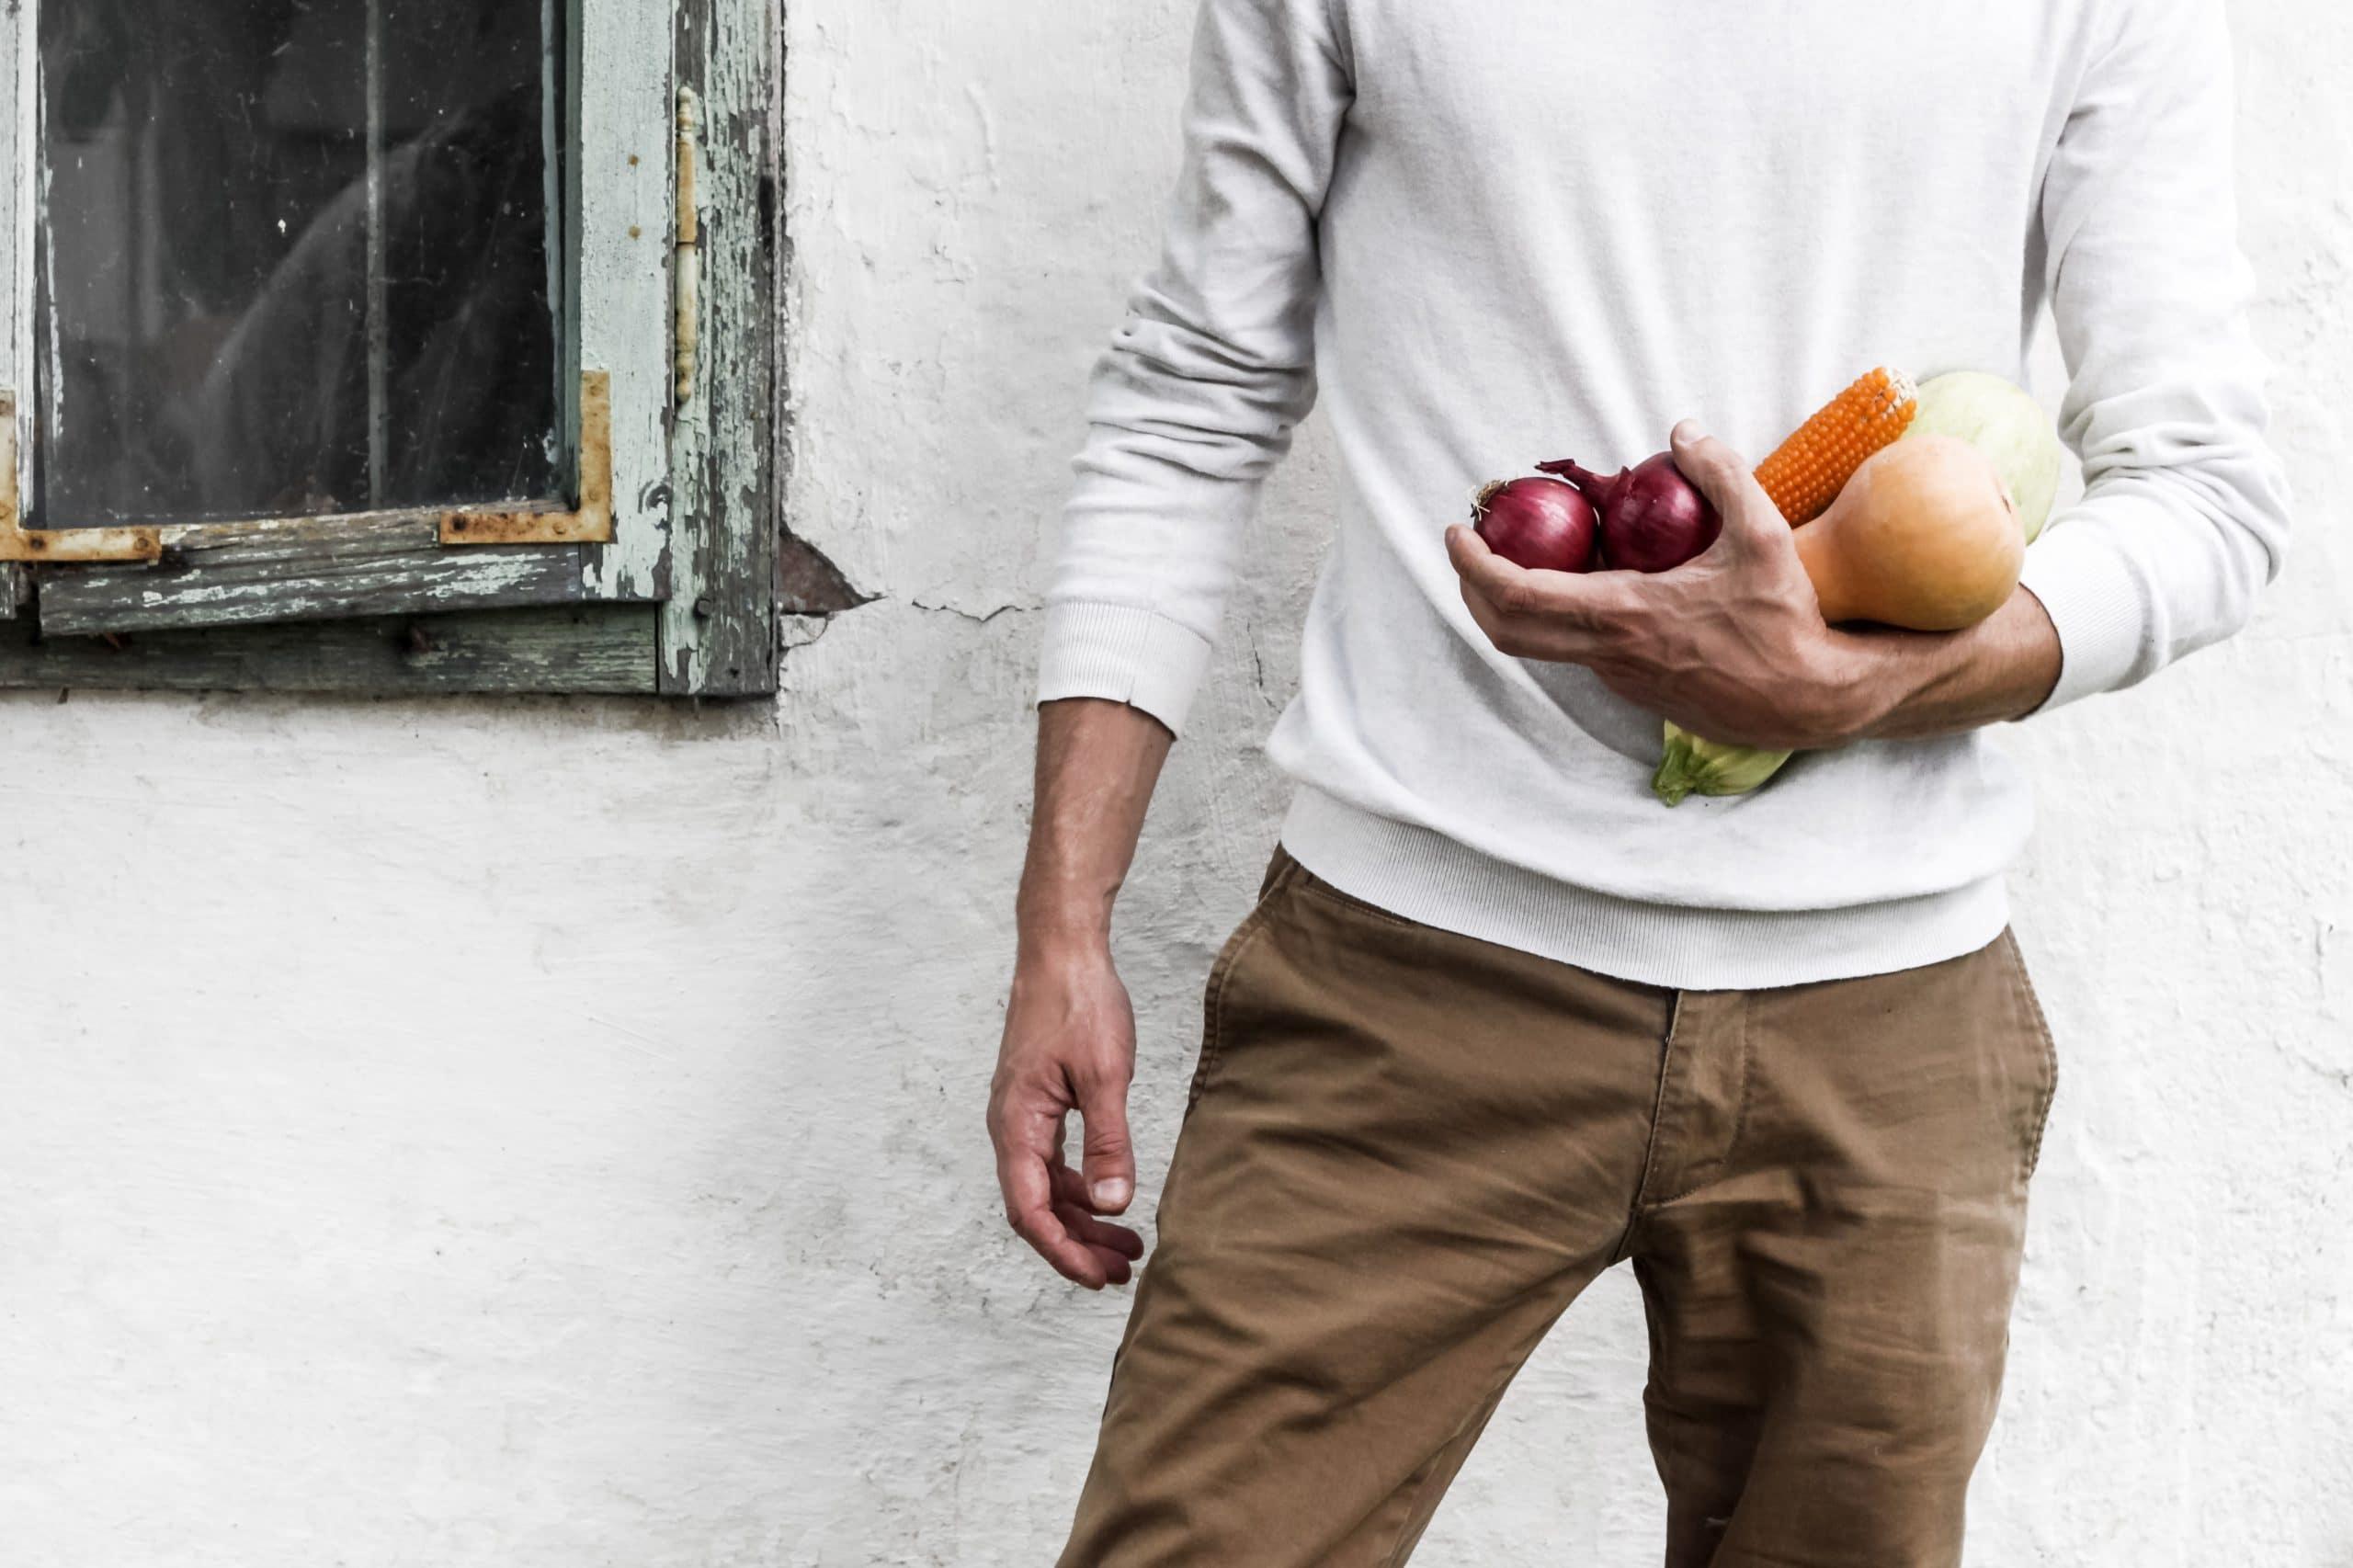 Vegetais nas mãos de um homem.